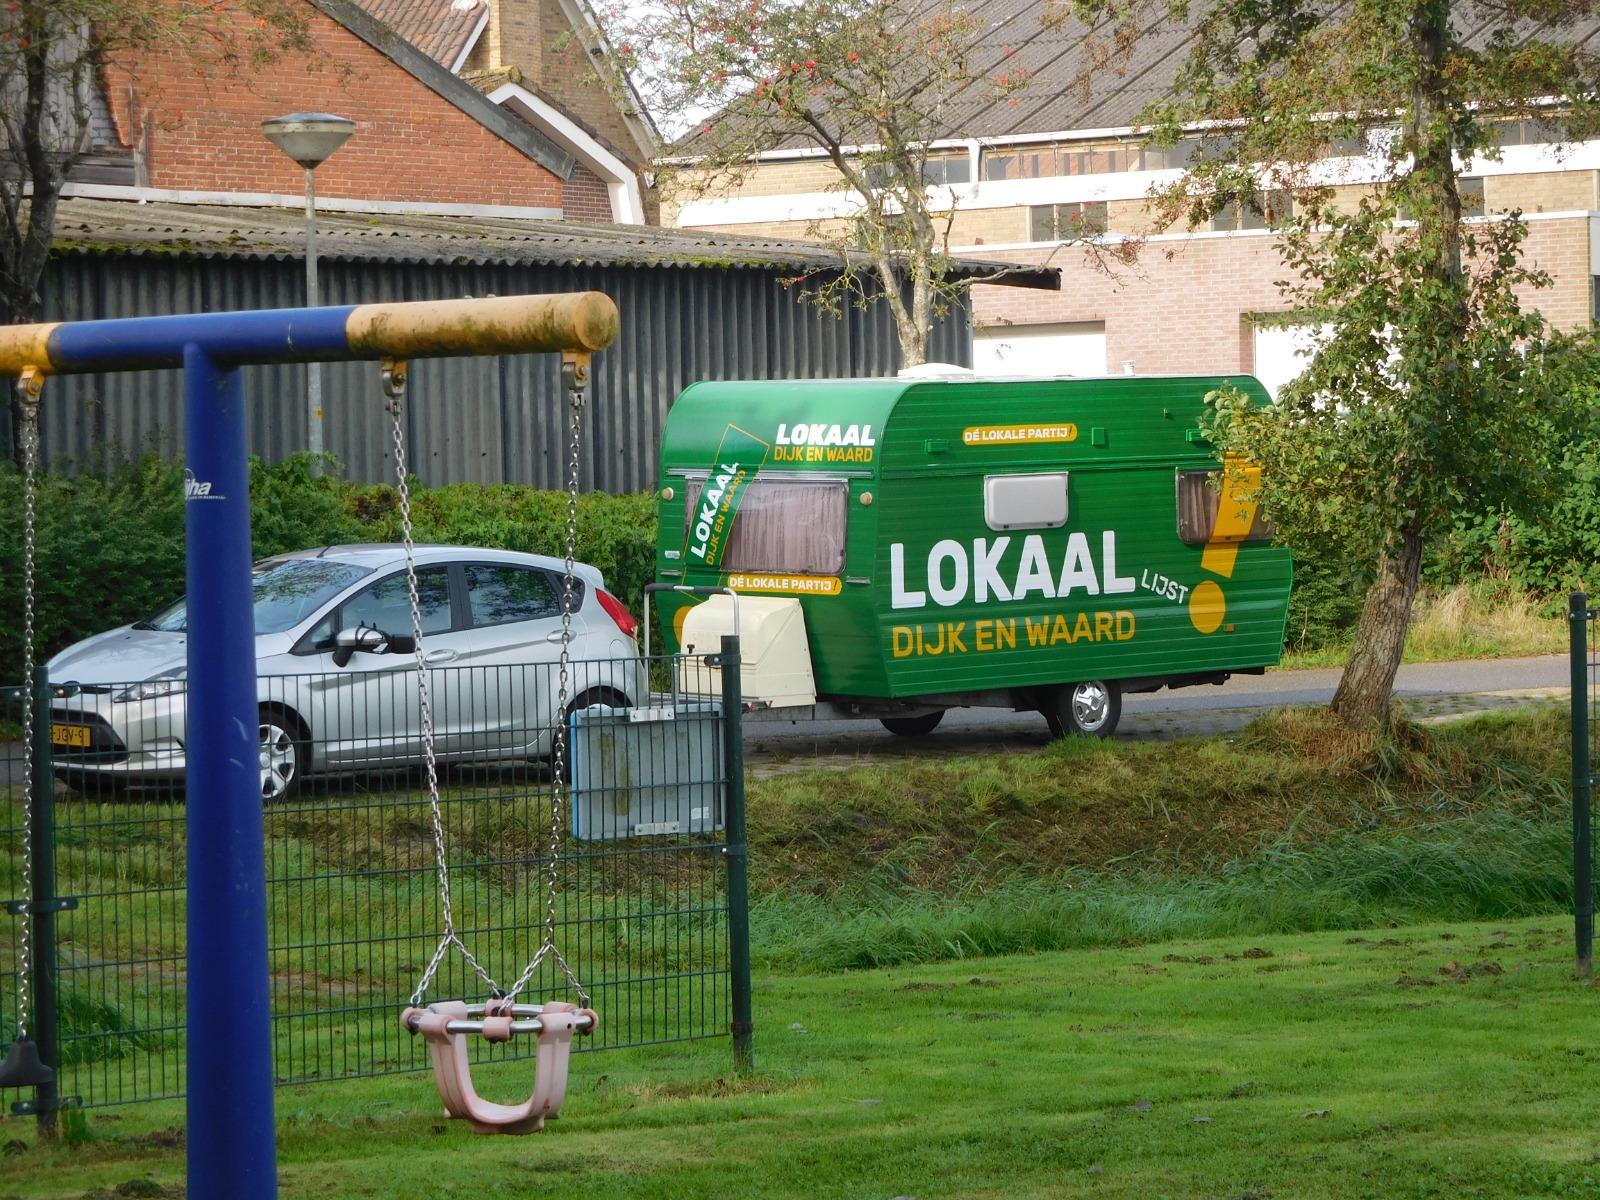 Lokaal Dijk en Waard op volle toeren!